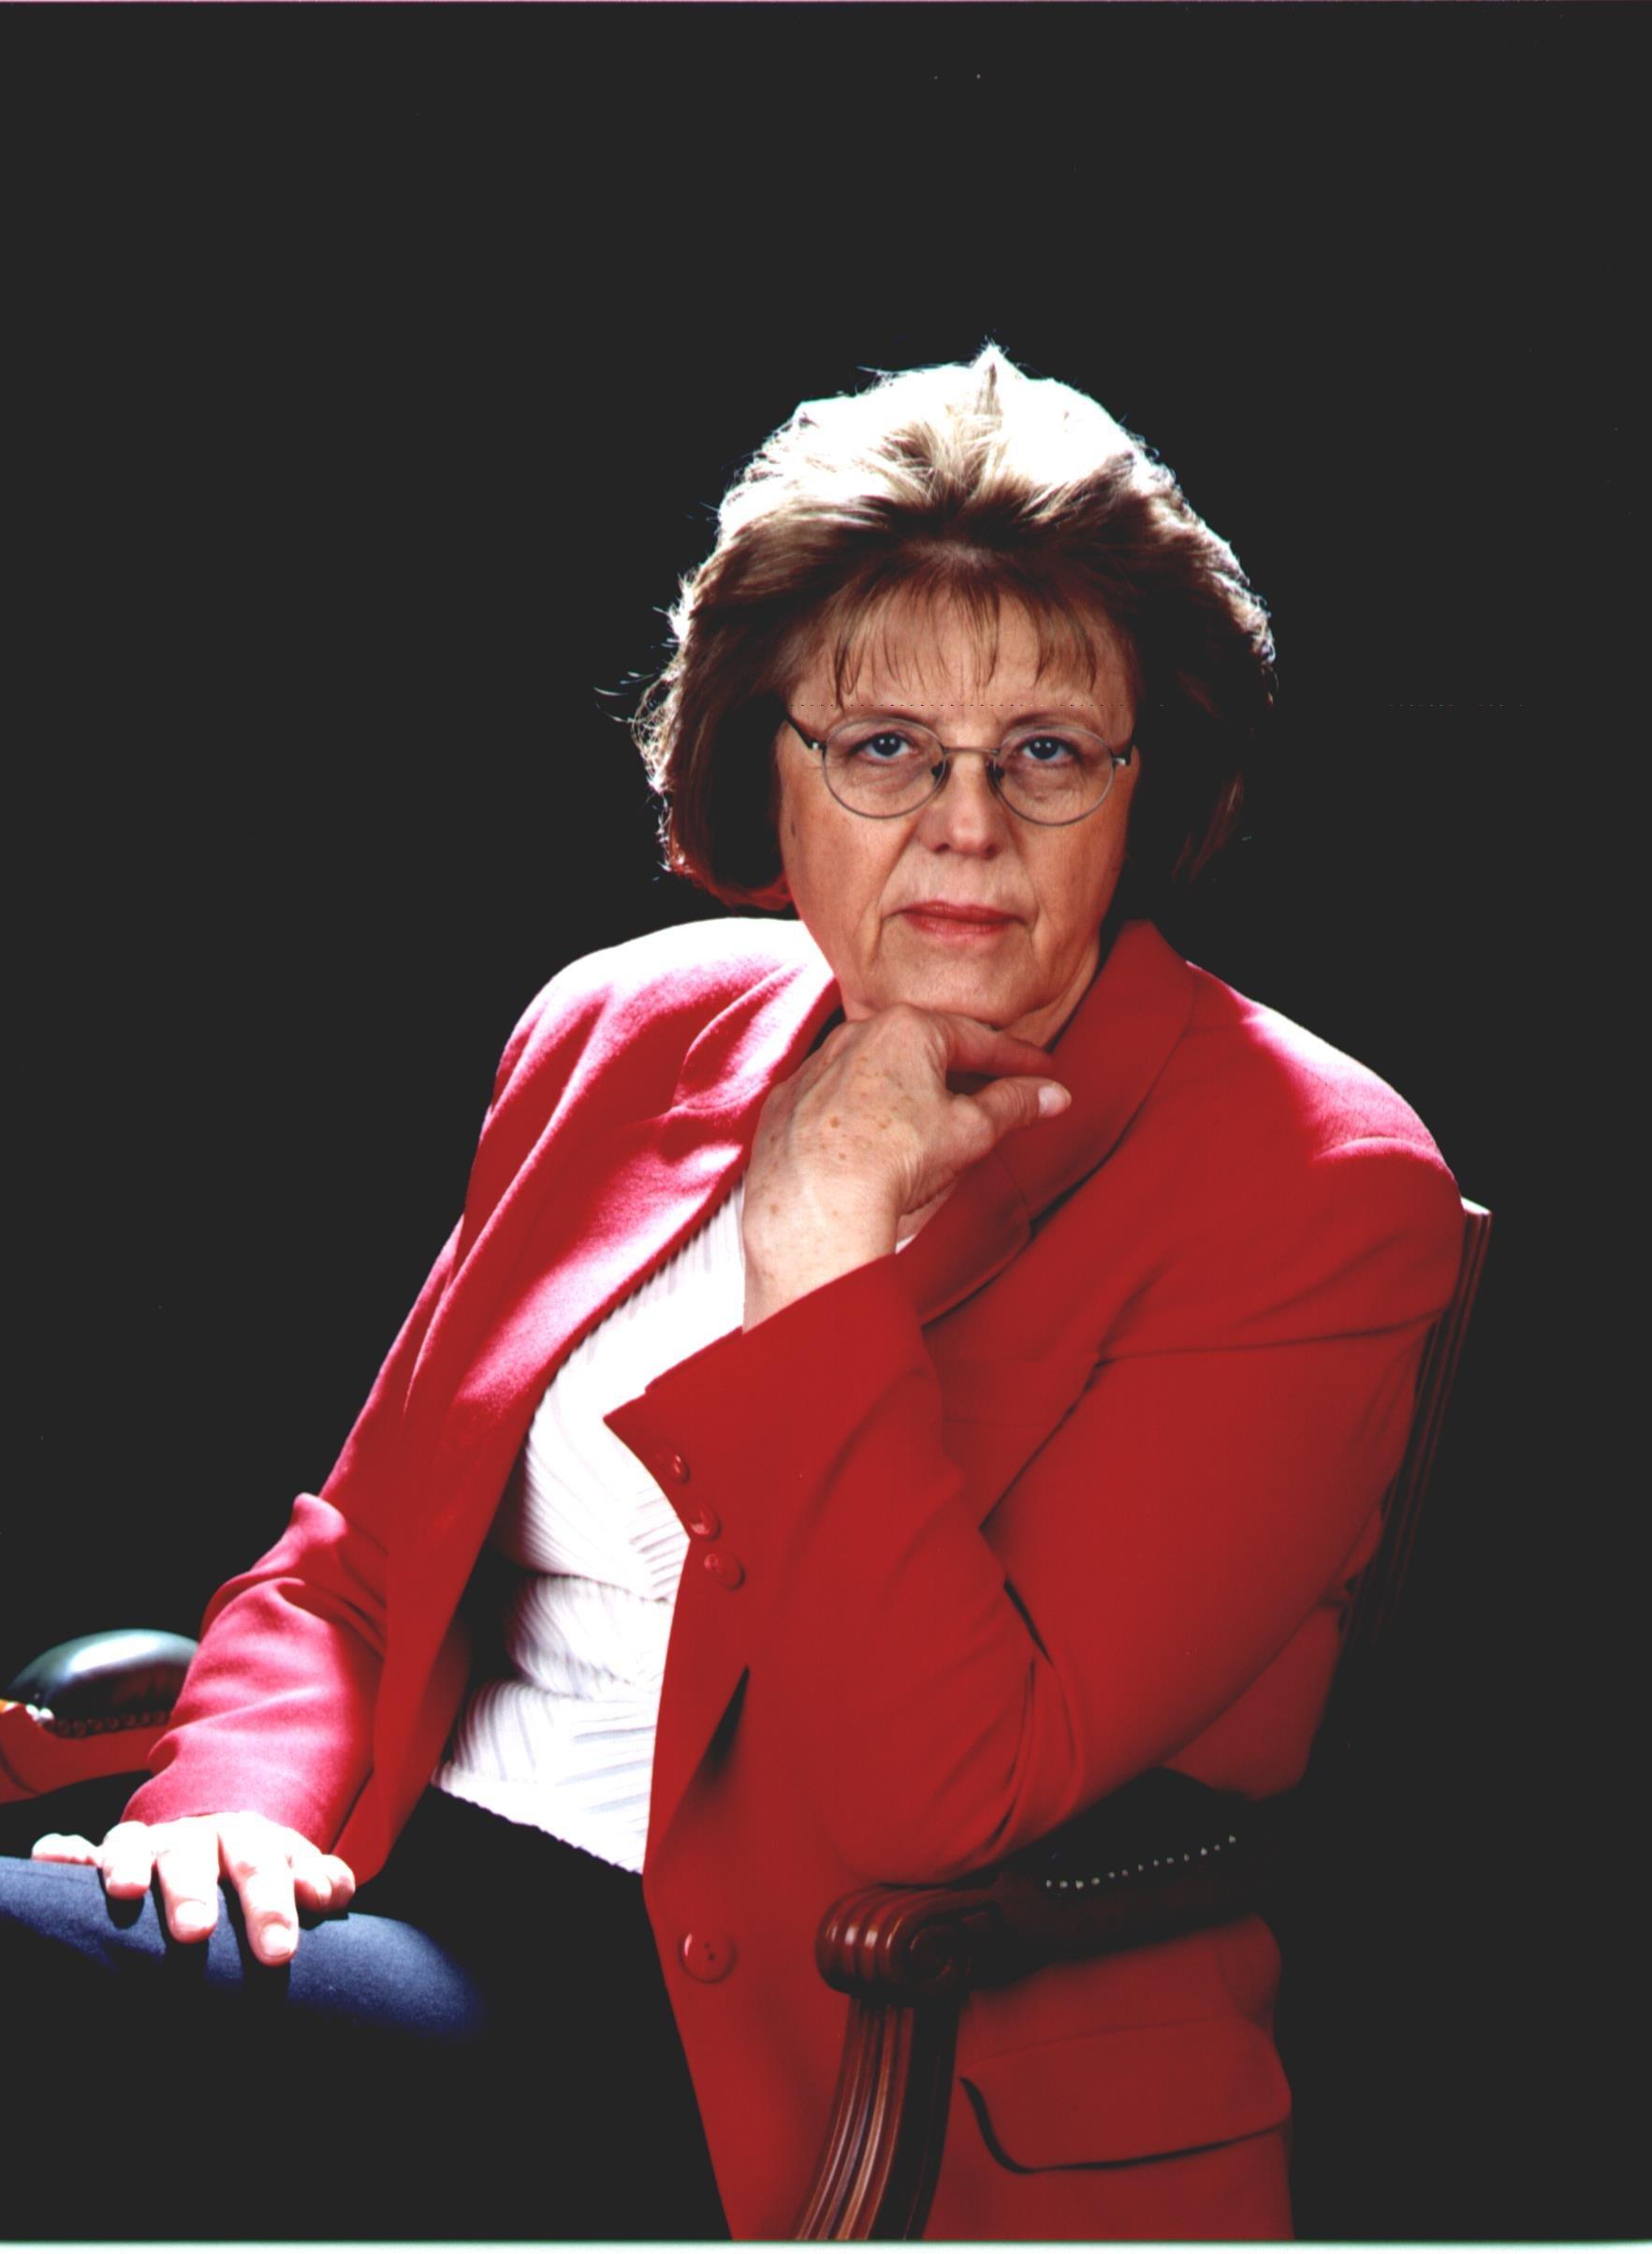 Sra. Anna Balletbó Puig